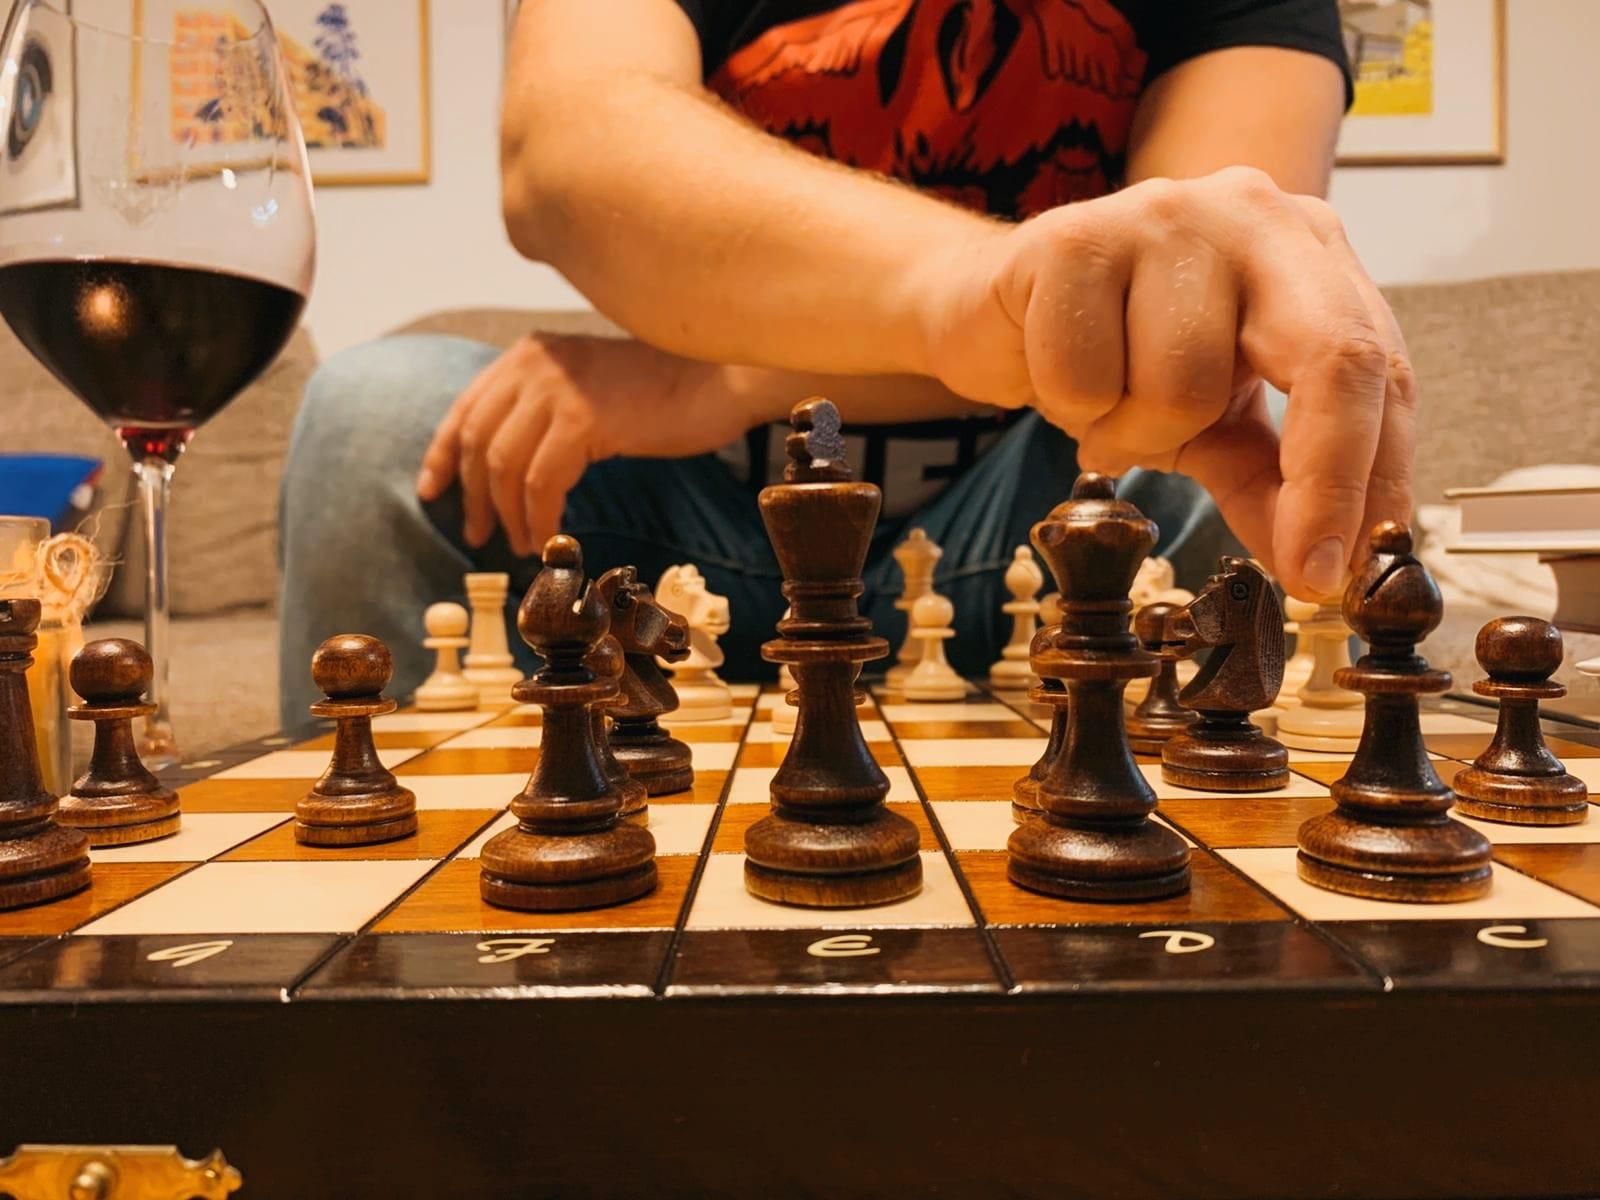 Tipy na darčeky pre náročných šachistov